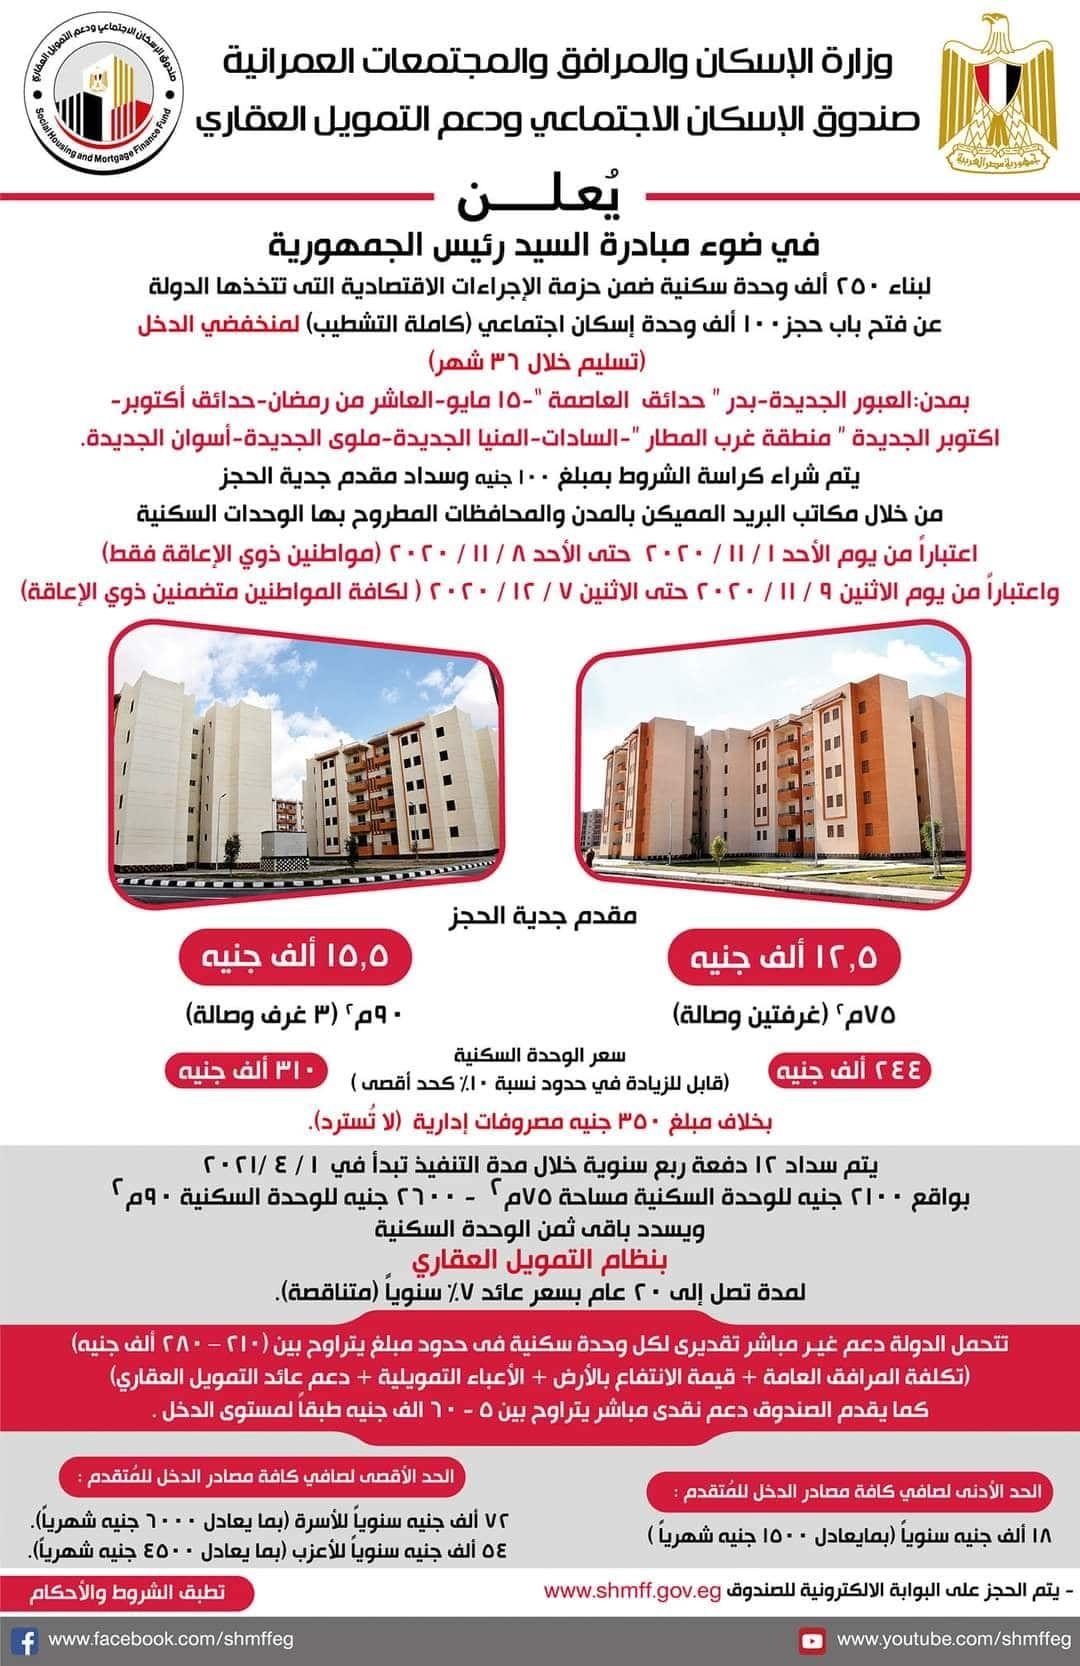 خطوات التقديم في الإعلان الرابع عشر للإسكان الاجتماعي 2020 الأوراق المطلوبة ومواعيد التقديم Ali Ro Acg